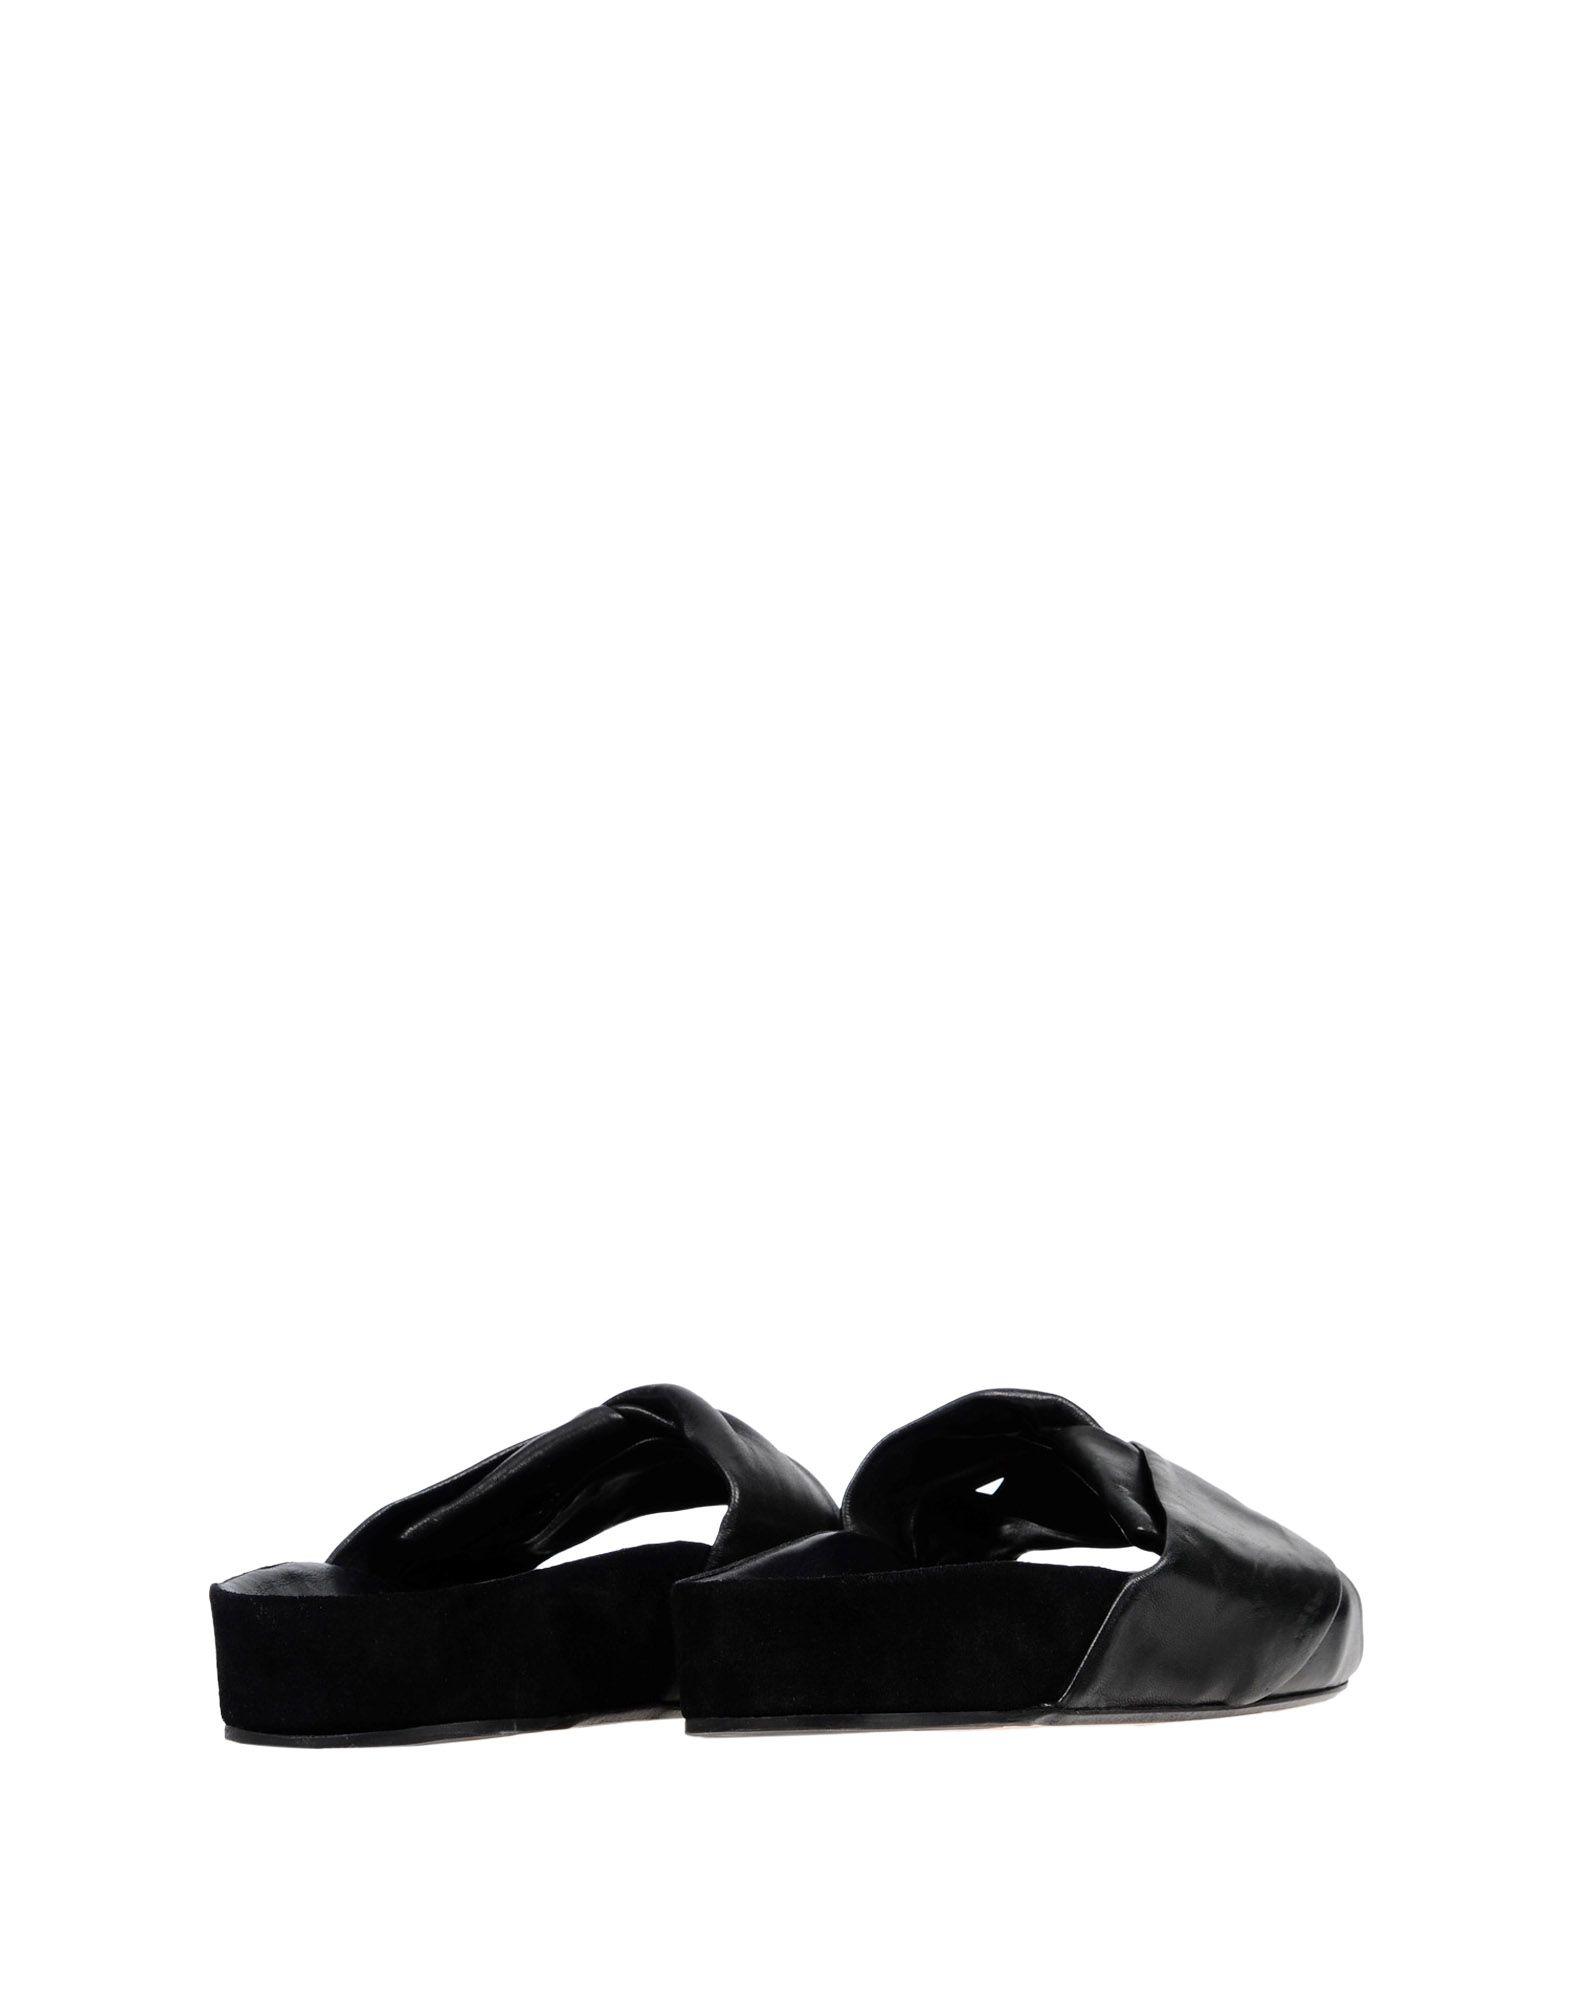 Rabatt Schuhe Sandalen Isabel Marant Sandalen Schuhe Damen  11433474IB aec383